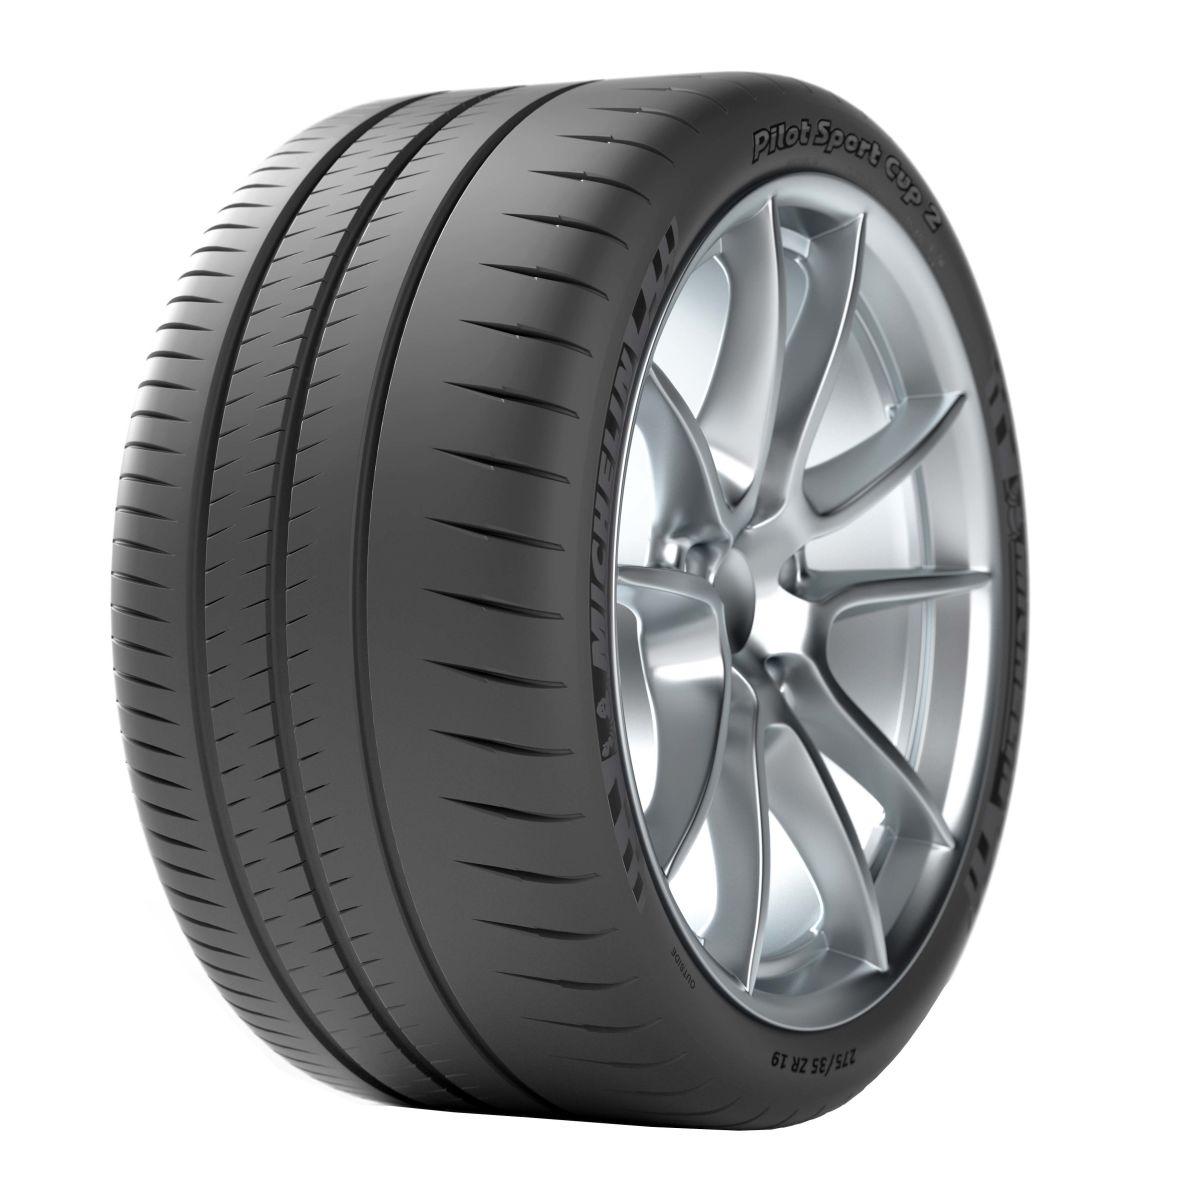 325/30R19 105Y, Michelin, PILOT SPORT CUP 2 N0